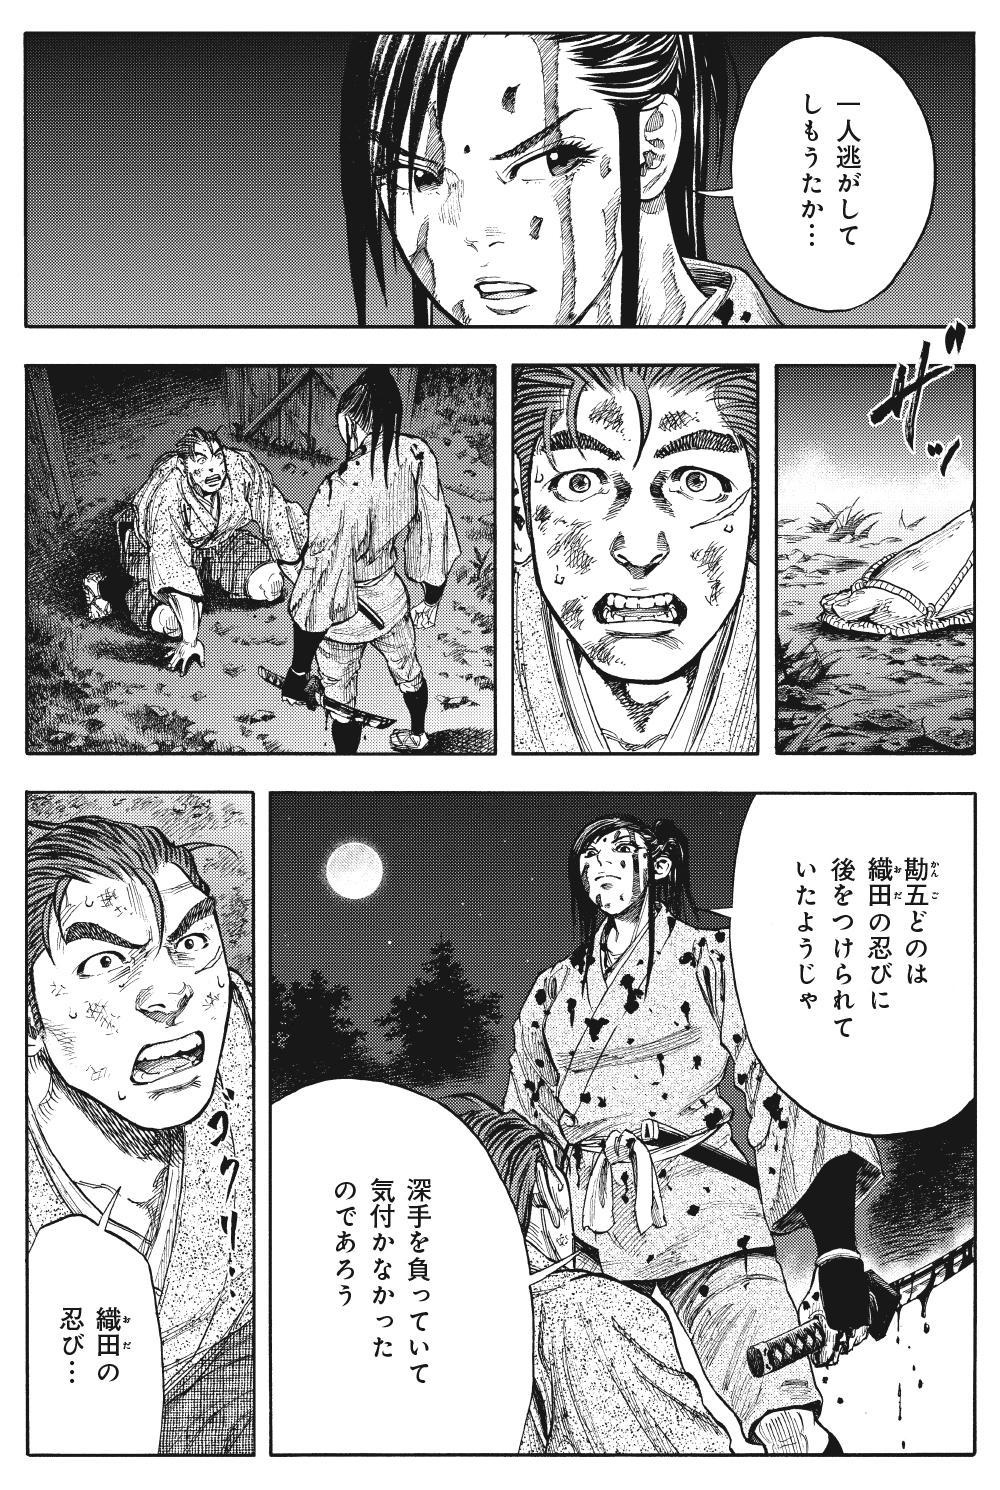 真田太平記 第7話「暗夜激闘」①sanada13-13.jpg